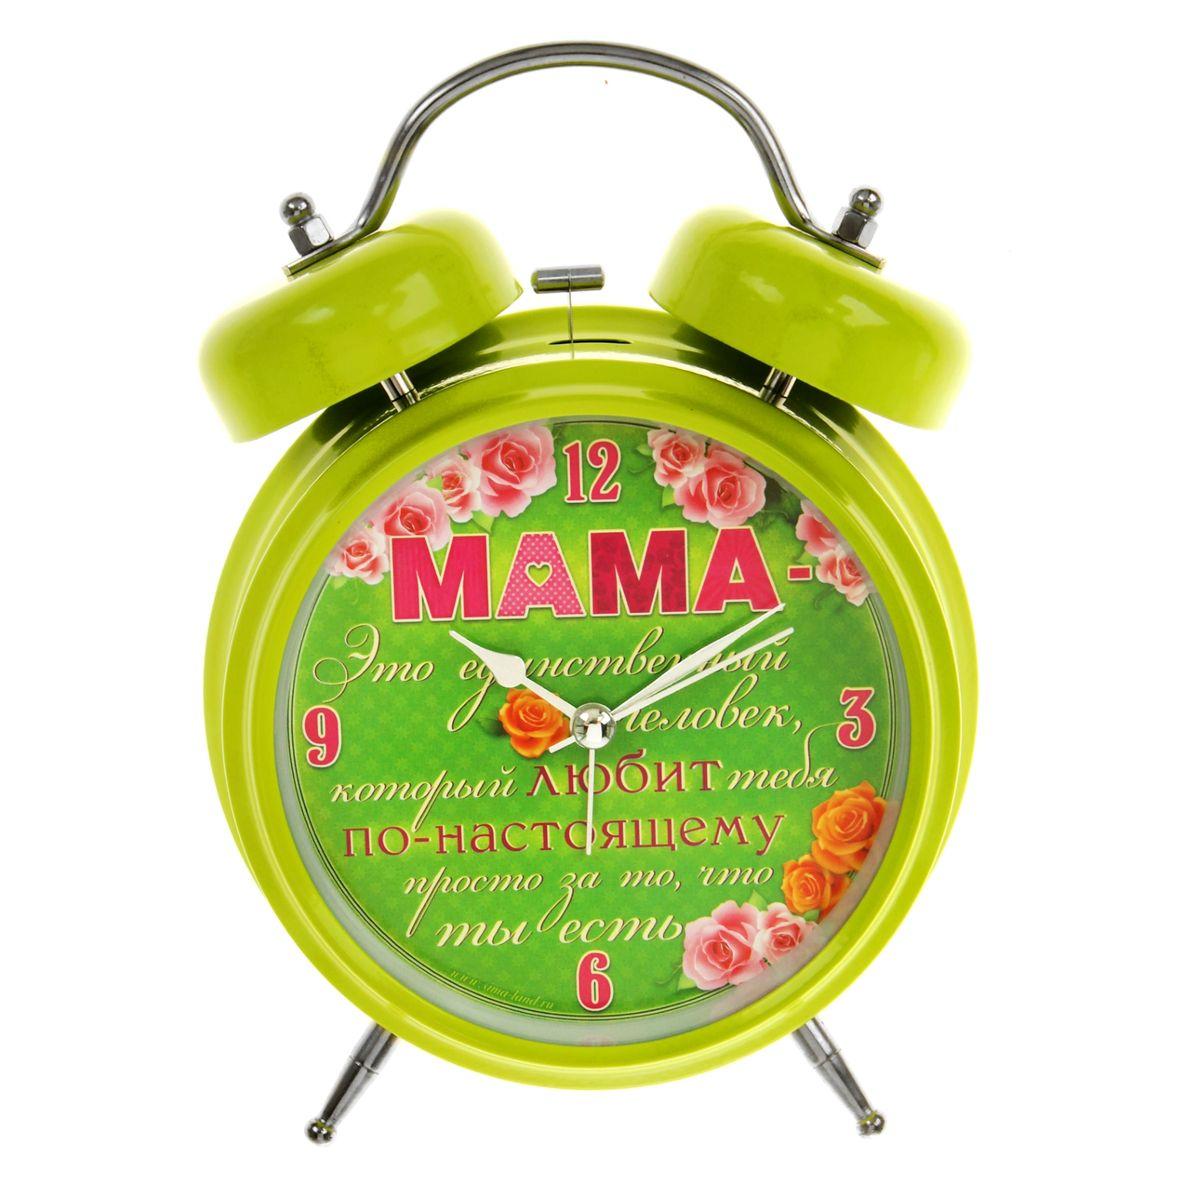 Часы-будильник Sima-land Мама - незаменимый человек839691Как же сложно иногда вставать вовремя! Всегда так хочется поспать еще хотябы 5 минут ибывает,что мы просыпаем. Теперь этого не случится! Яркий, оригинальный будильникSima-land Мама - незаменимый человек поможет вам всегдавставать в нужное время и успевать везде и всюду. Такой будильник также станет прекрасным подарком.На задней панели будильника расположеныпереключатель включения/выключения механизма и два колесика для настройкитекущего времени и времени звонка будильника. Также будильник оснащенкнопкой, при нажатии и удержании которой подсвечивается циферблат. Будильник работает от 1 батарейки типа AA напряжением 1,5V (не входит вкомплект).